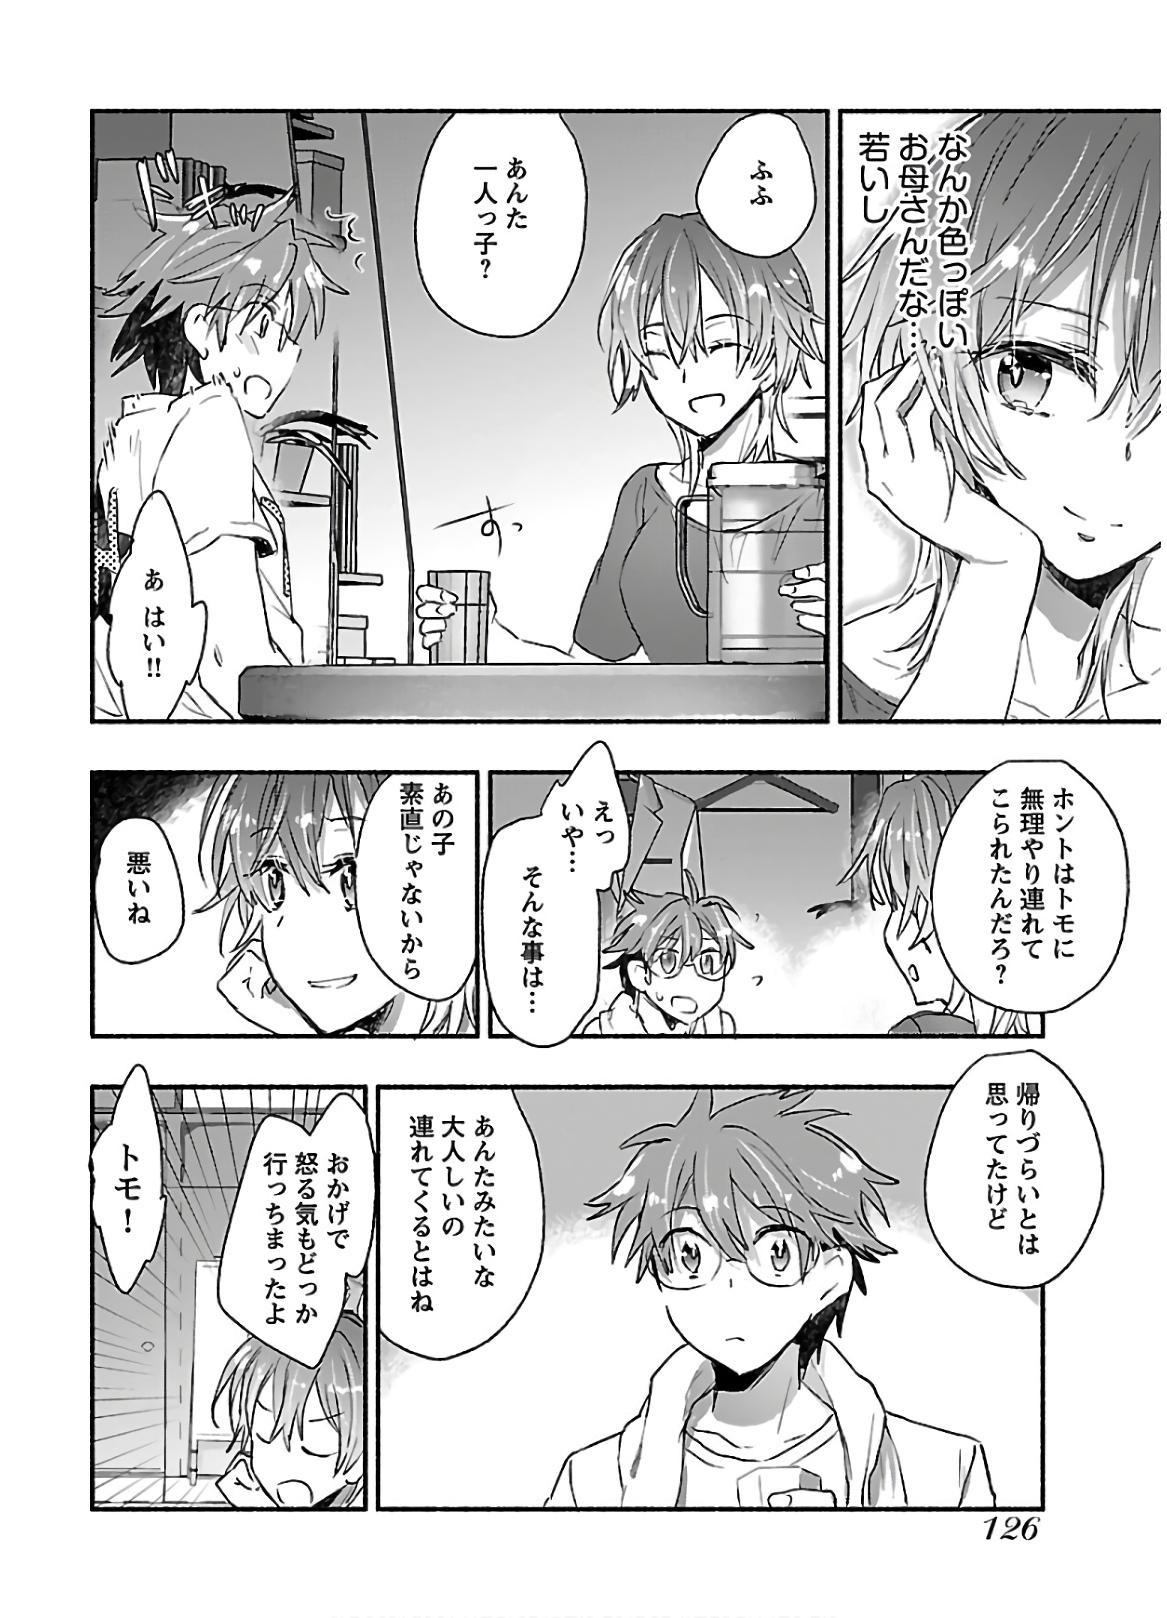 Yankii musume ni natsukarete kotoshi mo juken ni shippai shisou desu  vol.1 127